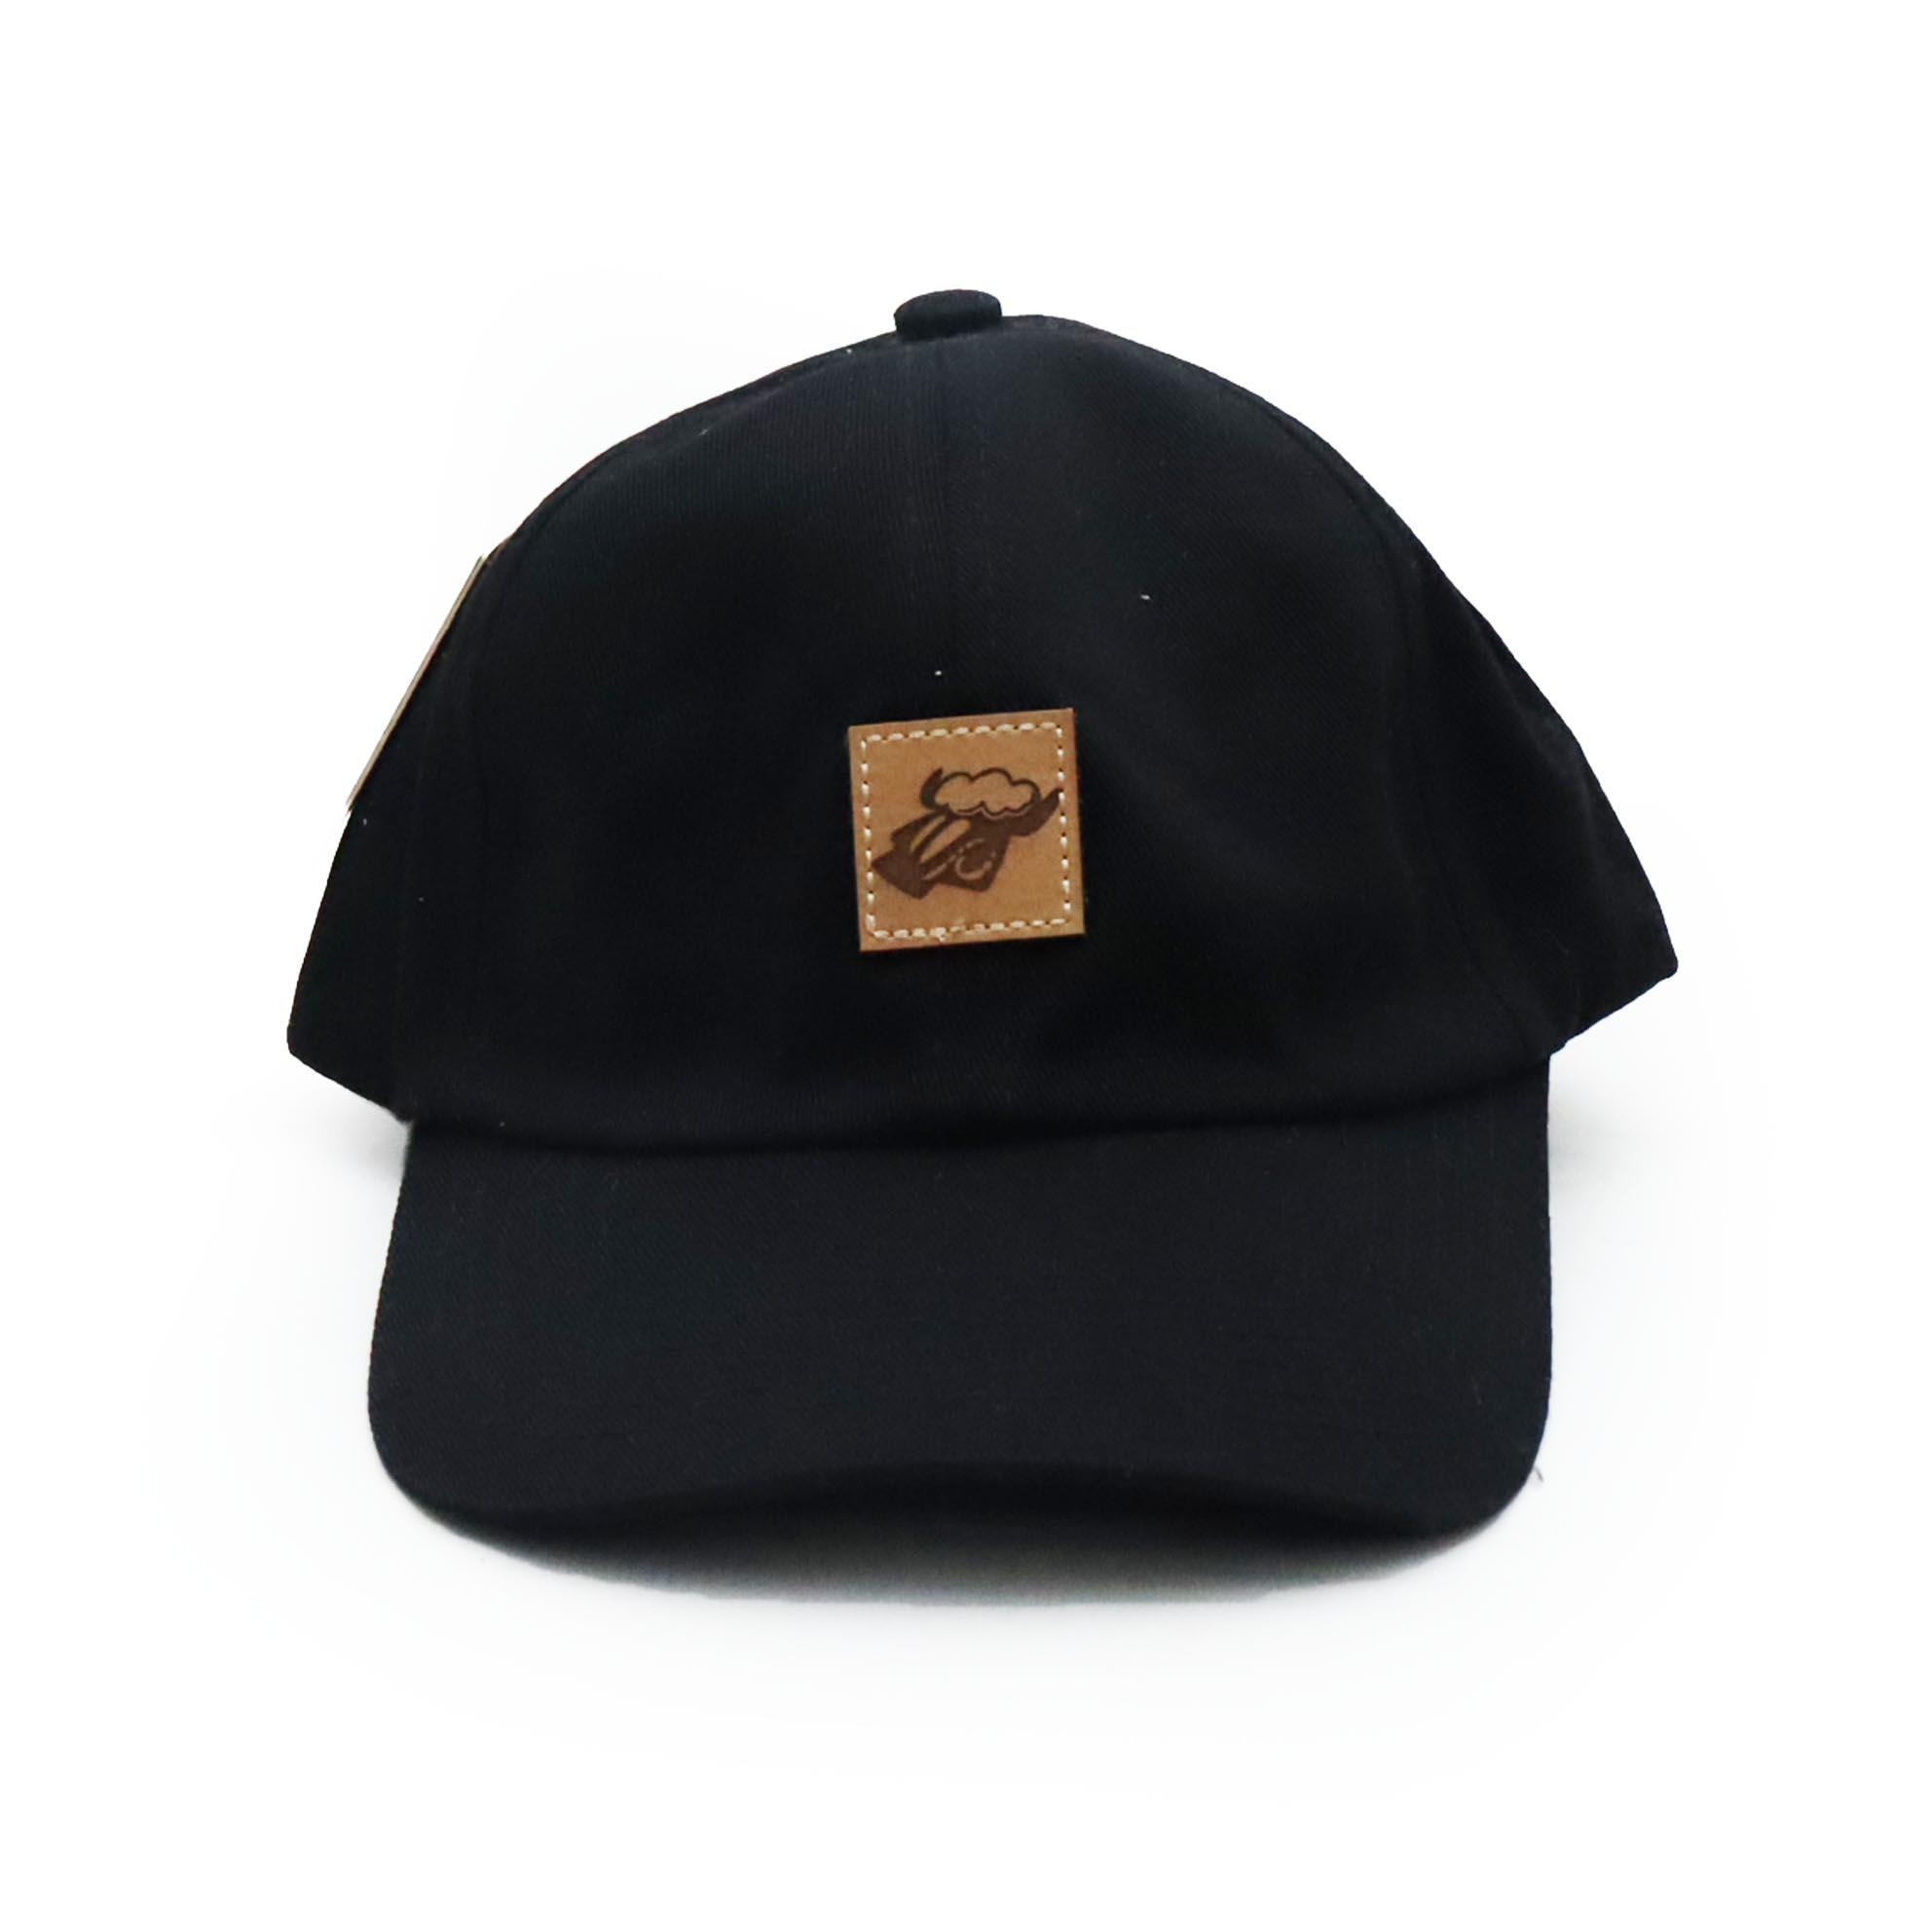 Boné Black Sheep Dad Hat Square Logo Patch - Preto